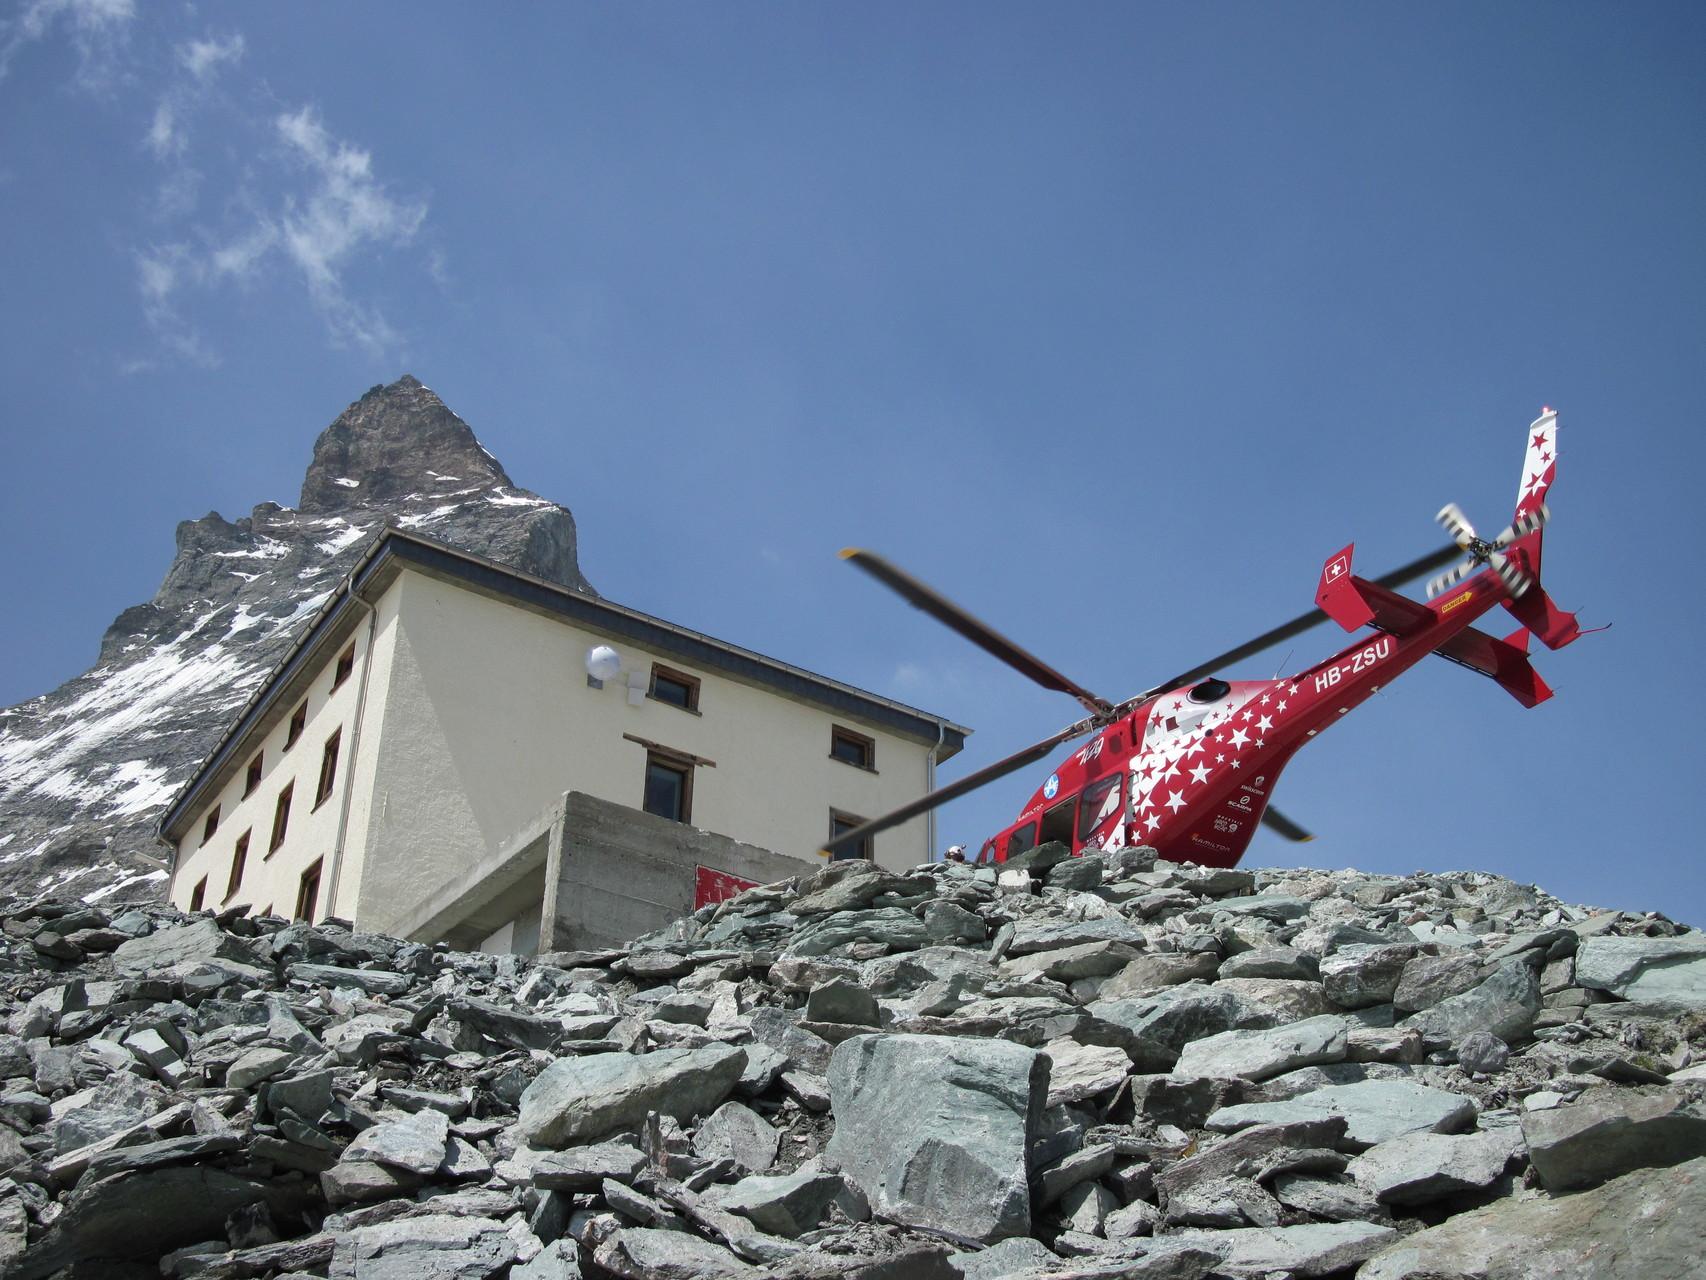 Horu, Hörnlihütte und Air Zermatt - alles Zermatter Wahrzeichen